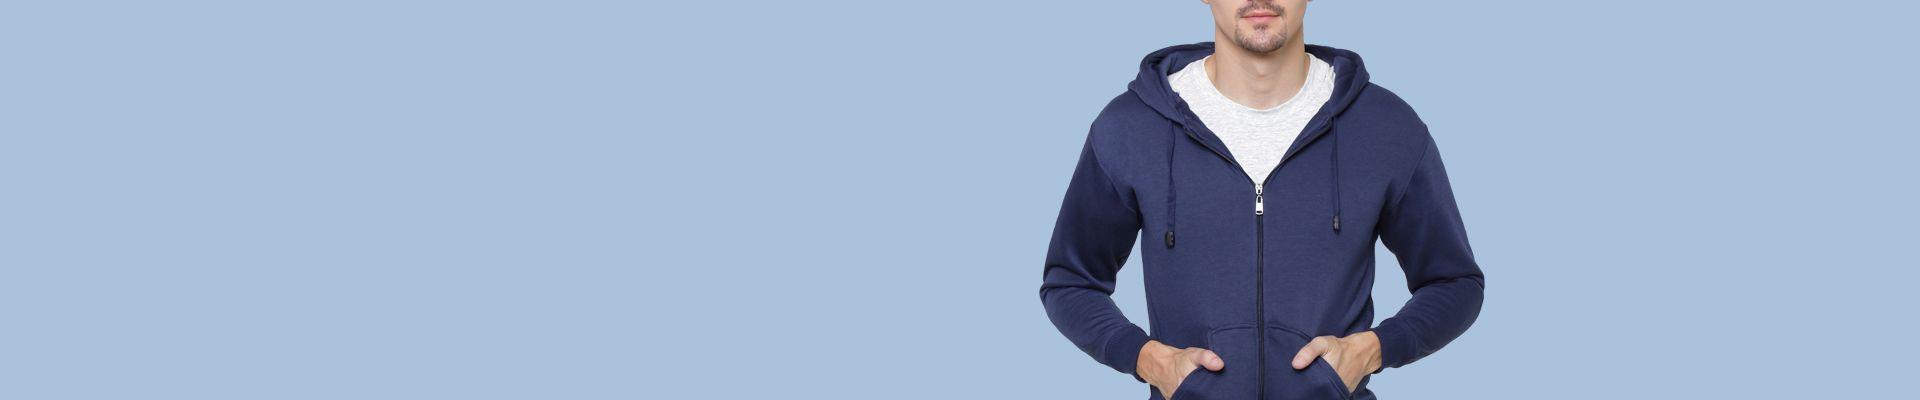 Beli jaket pria model terbaru keren kulit asli / sintetis, jaket parasut, denim/jeans pria, jaket kulit garut, bomber, korea modis, branded, dengan harga murah di KindleCup, belanja nyaman jaminan uang kembali dan pengiriman cepat.